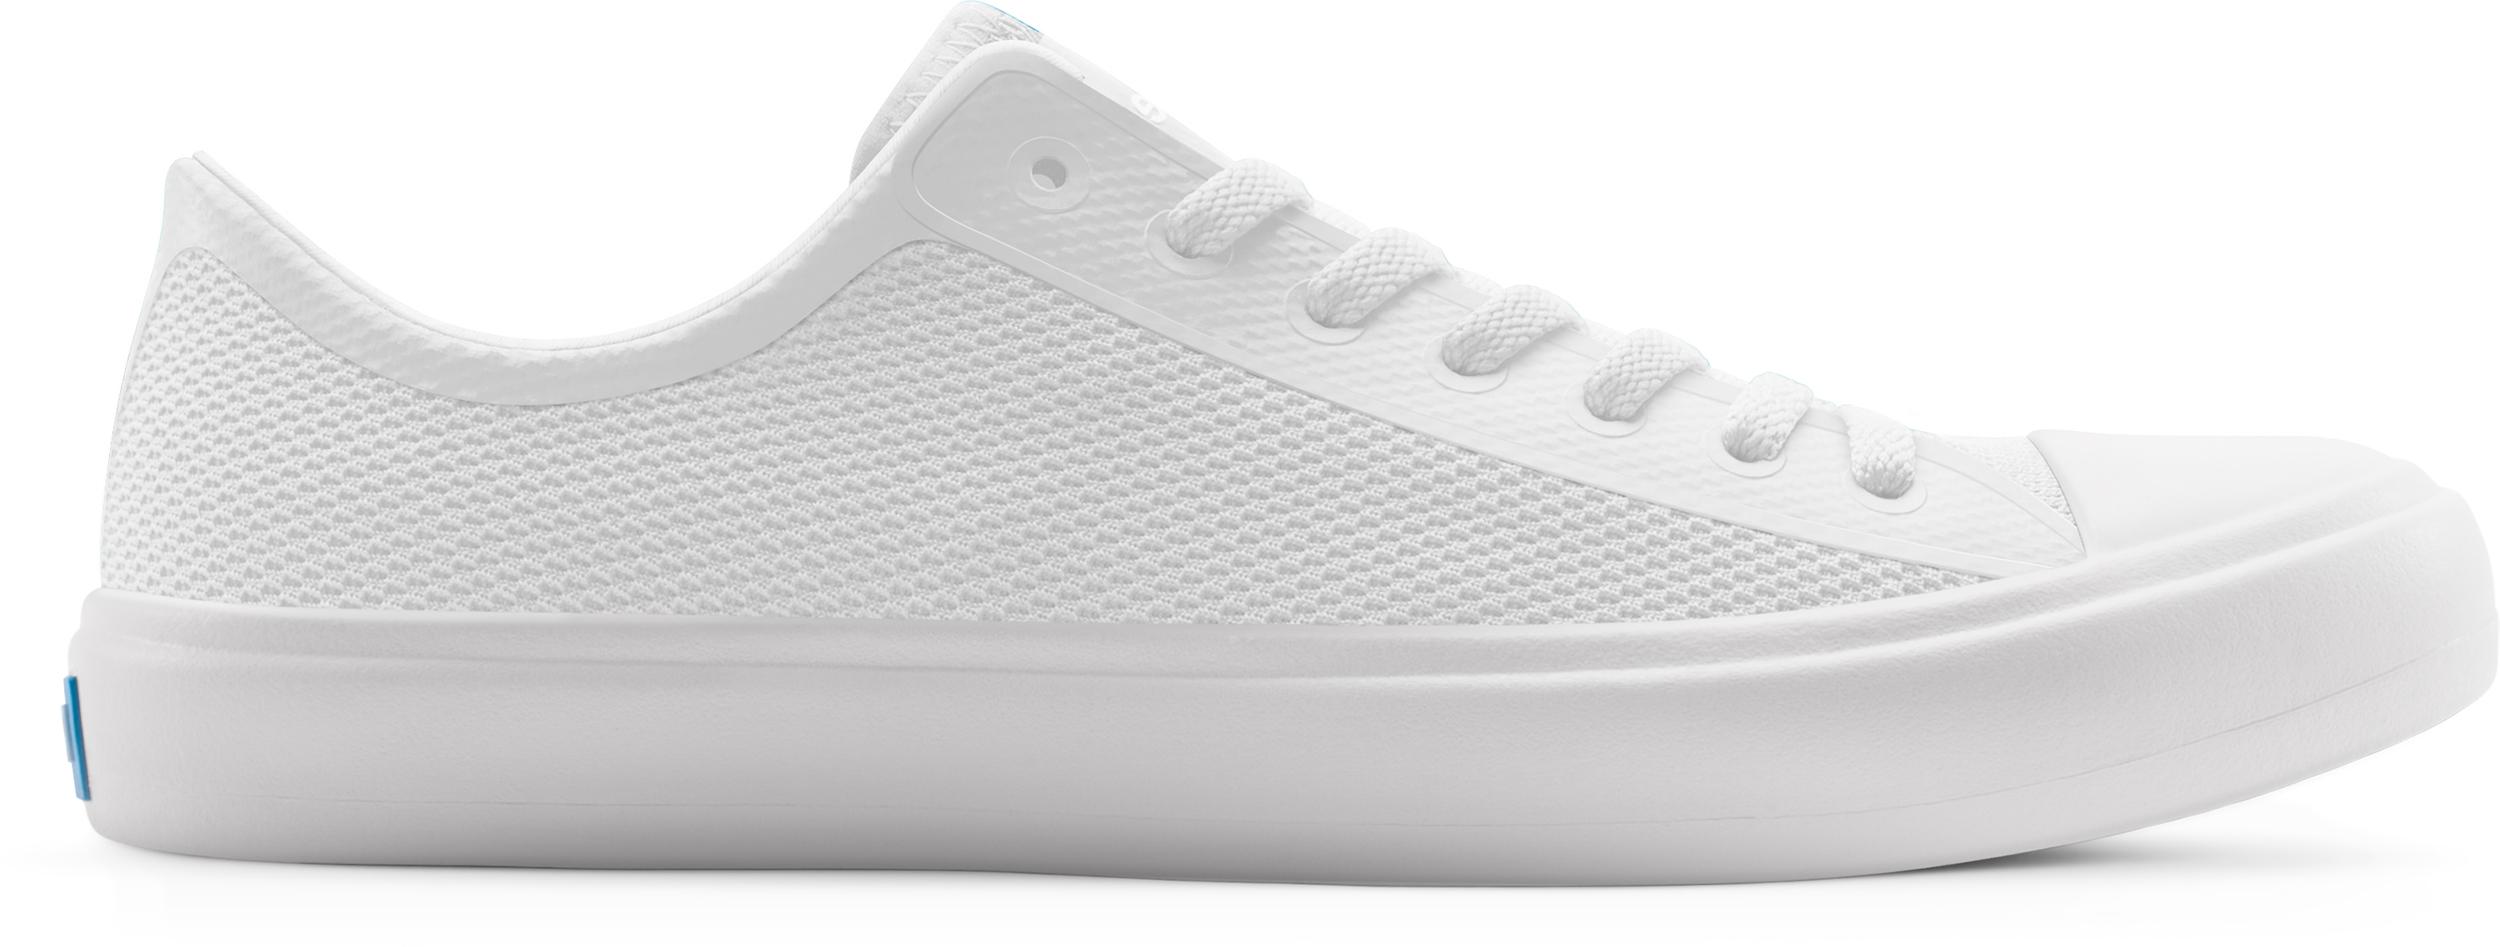 People Footwear The Phillips Sneakers Unisex